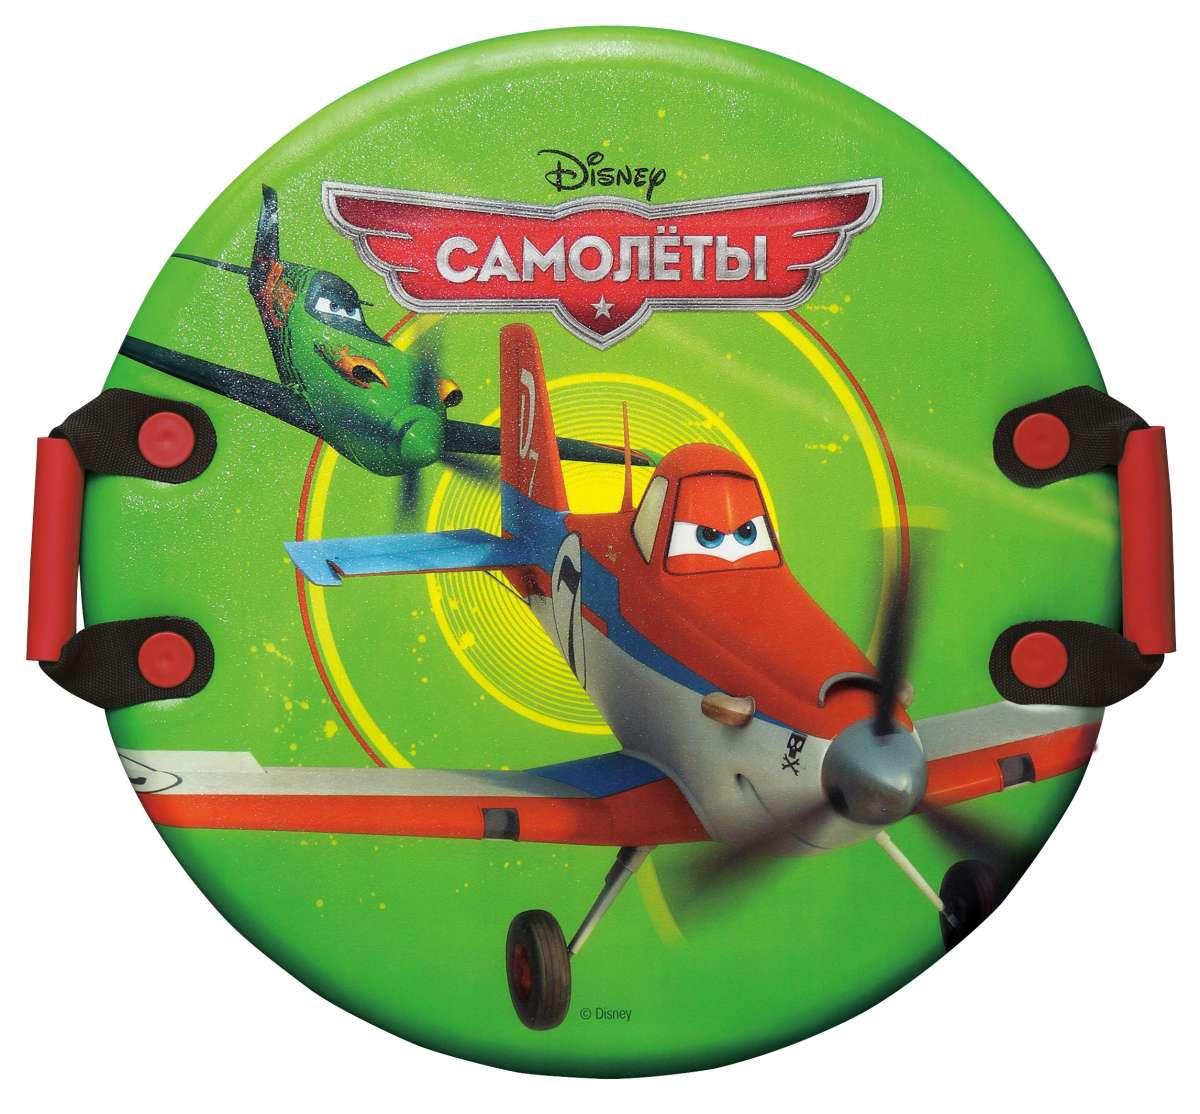 Ледянка Самолеты, цвет: зеленый, диаметр 60 смТ56367Ледянка Самолеты с красочным дизайном героев популярного мультфильма Самолеты от Disney. Несмотря на то, что ледянка очень легкая и прочная, на ней можно кататься практически с любых горок. Изготовлена из прочного структурированного пластика. Удобные плотные ручки позволят не упасть при спуске с крутых горок. Яркий рисунок будет долго держаться даже при интенсивном катании.